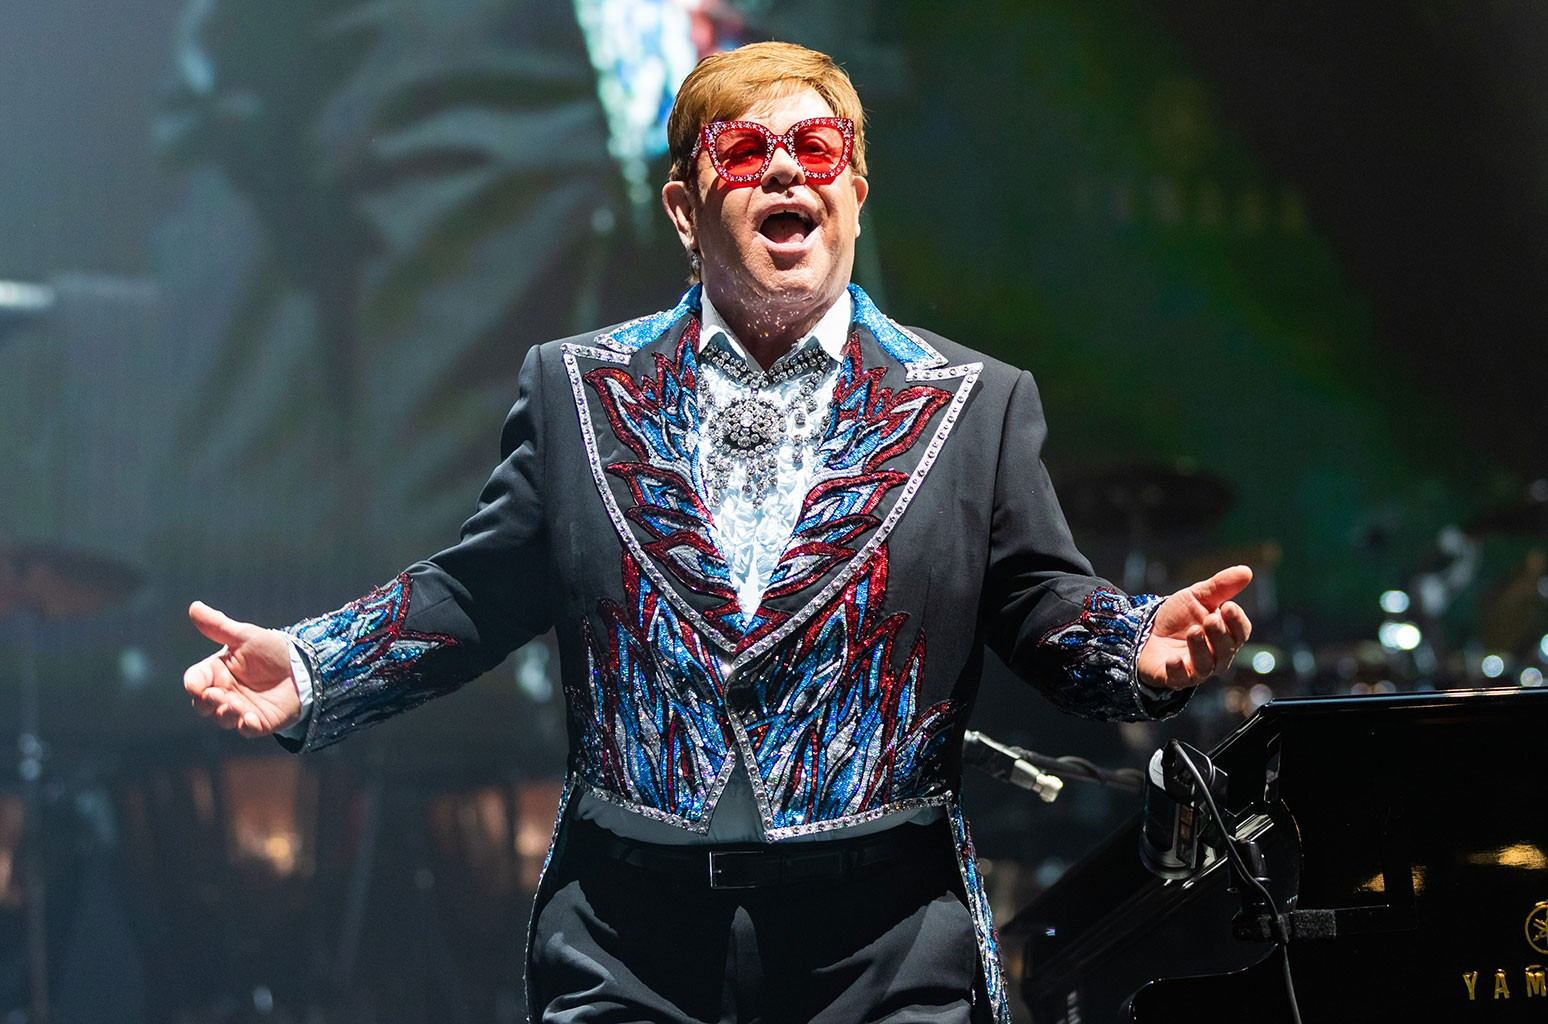 Sir Elton John, Farewell Yellow Brick Road Tour